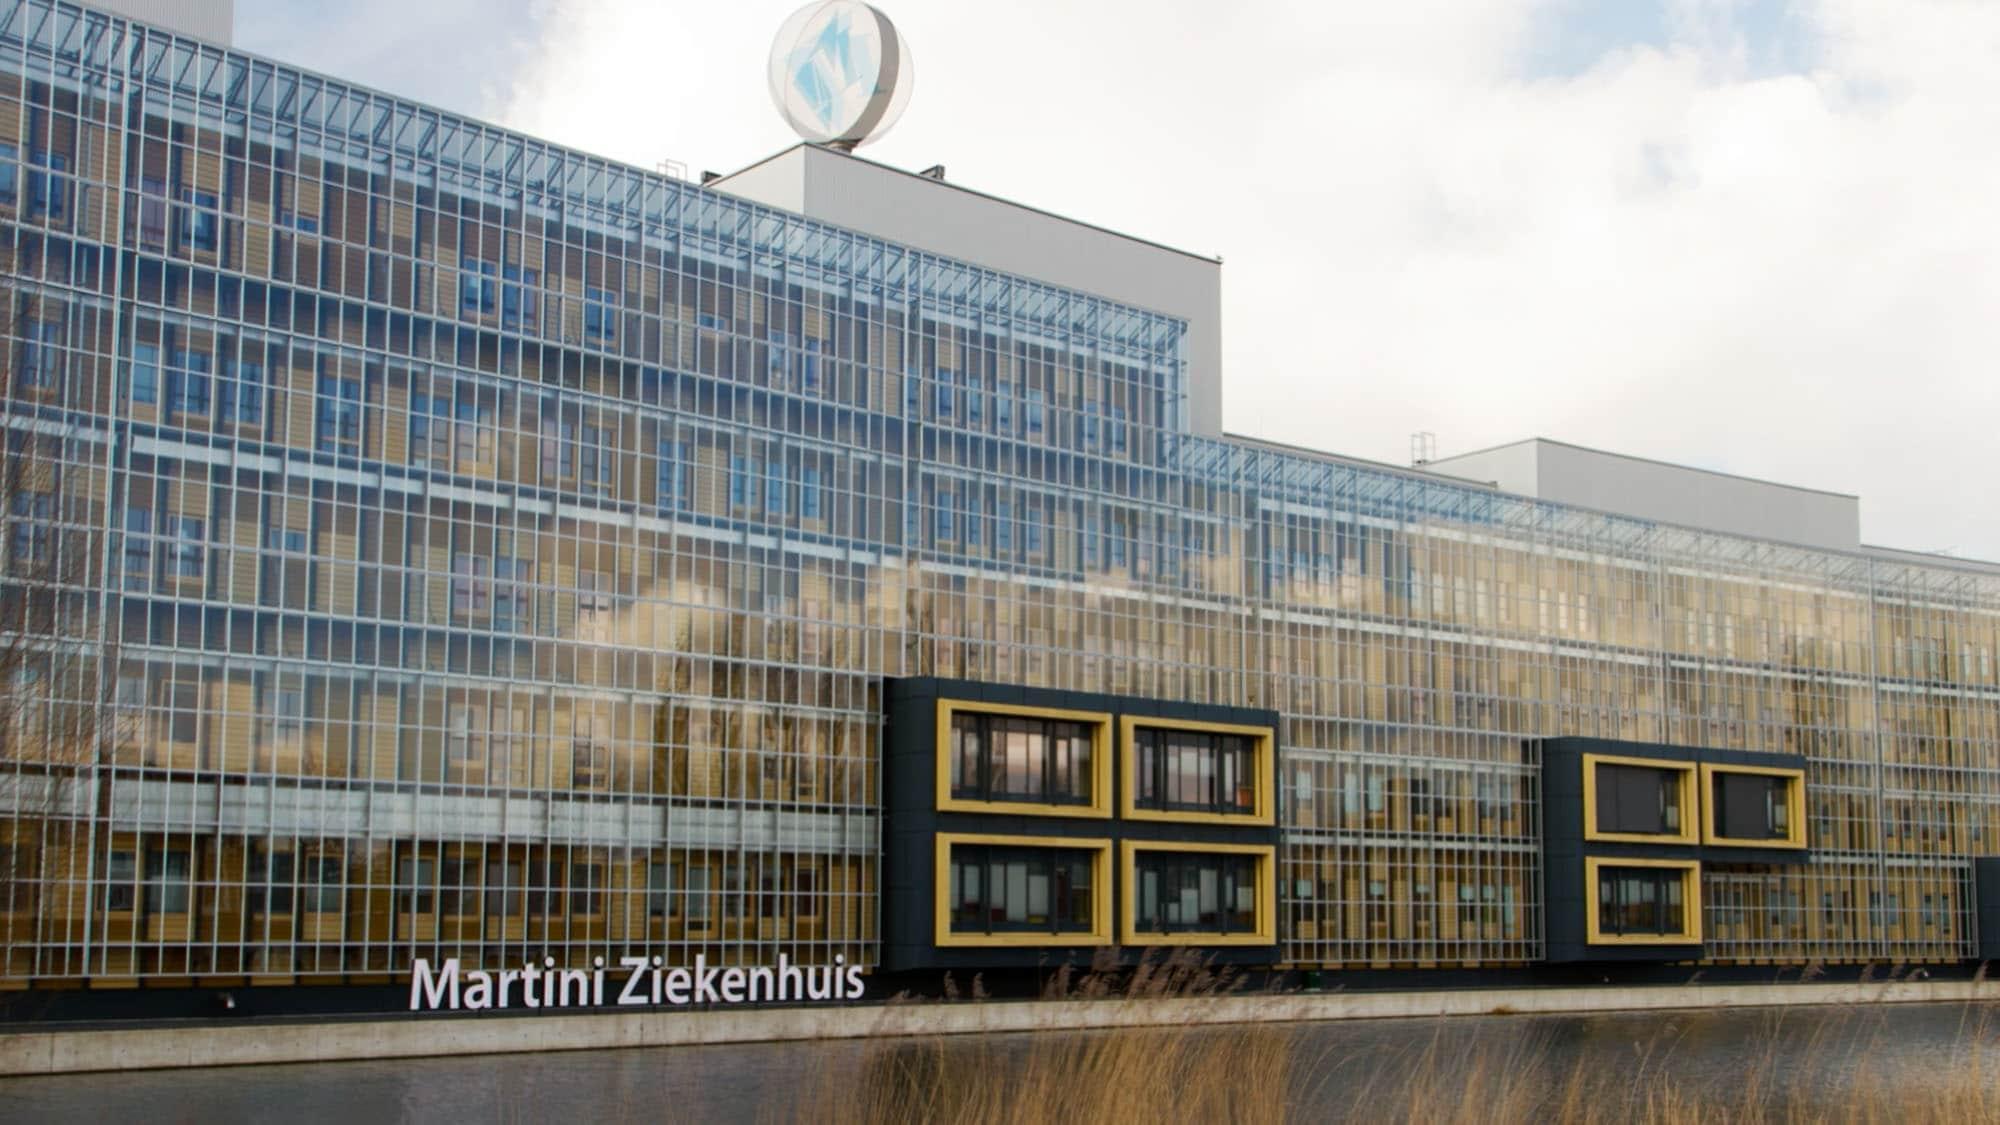 Martiniziekenhuis in Groningen